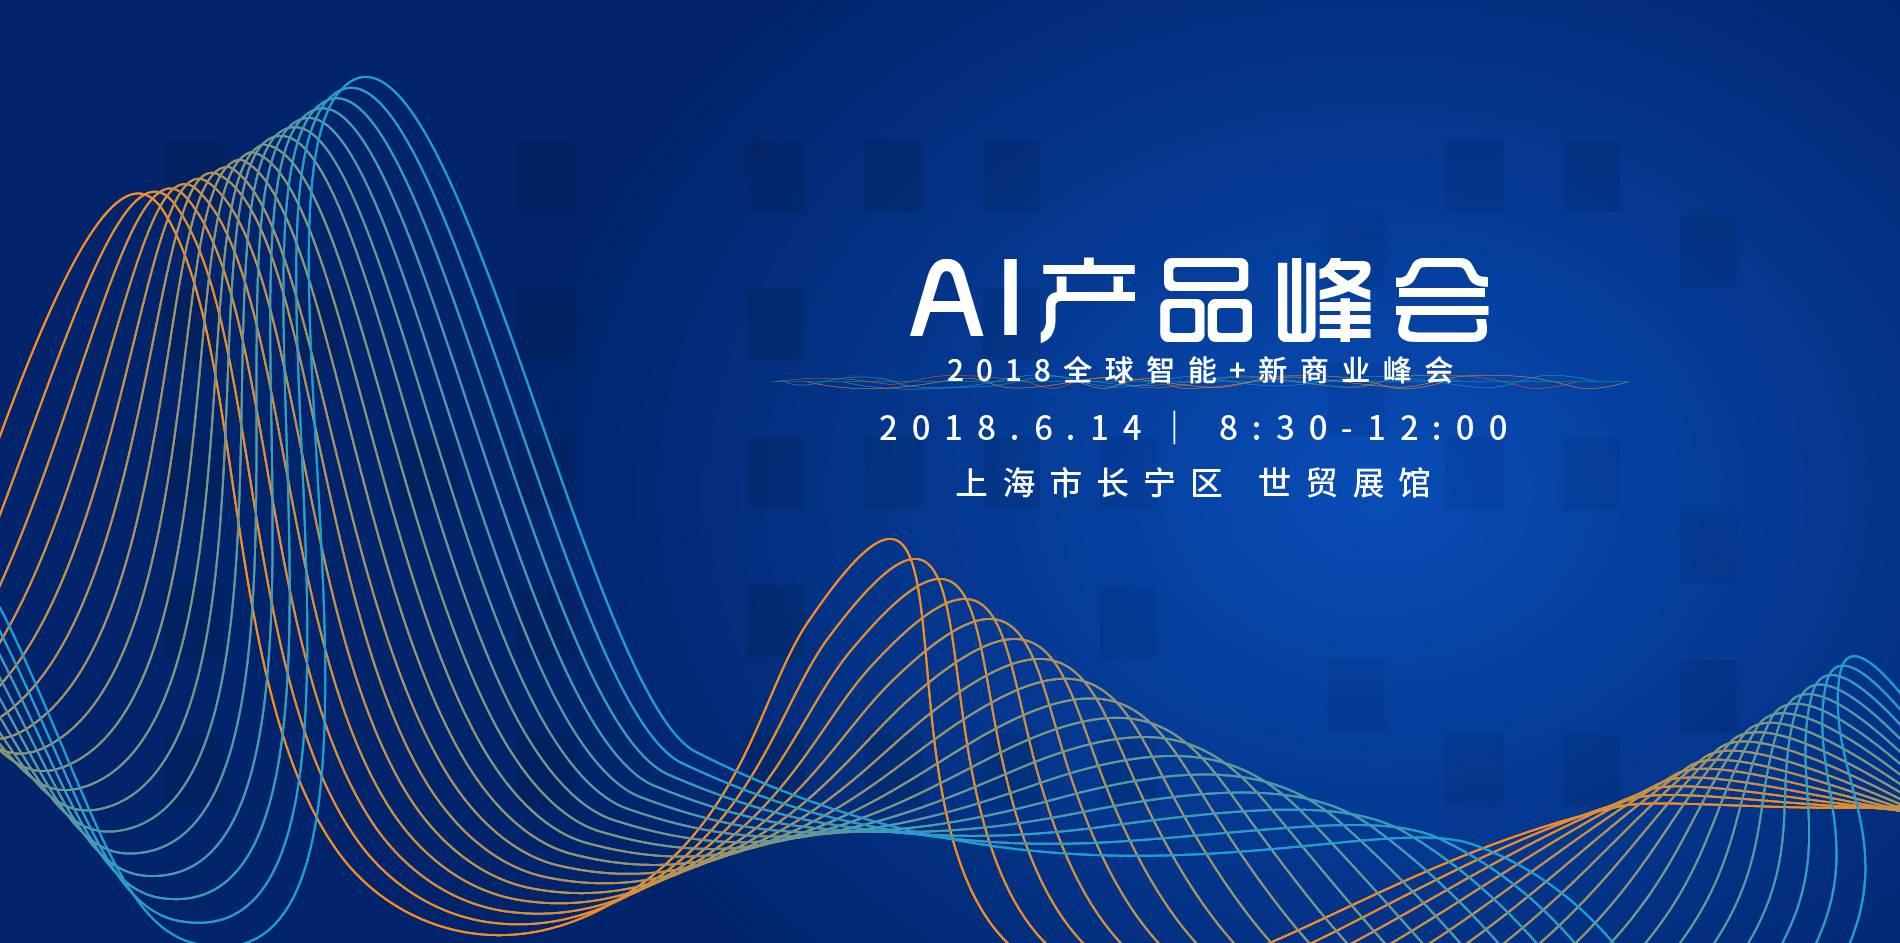 【活动】2018全球智能+新商业峰会——AI产品峰会(官方报名通道)-亿欧